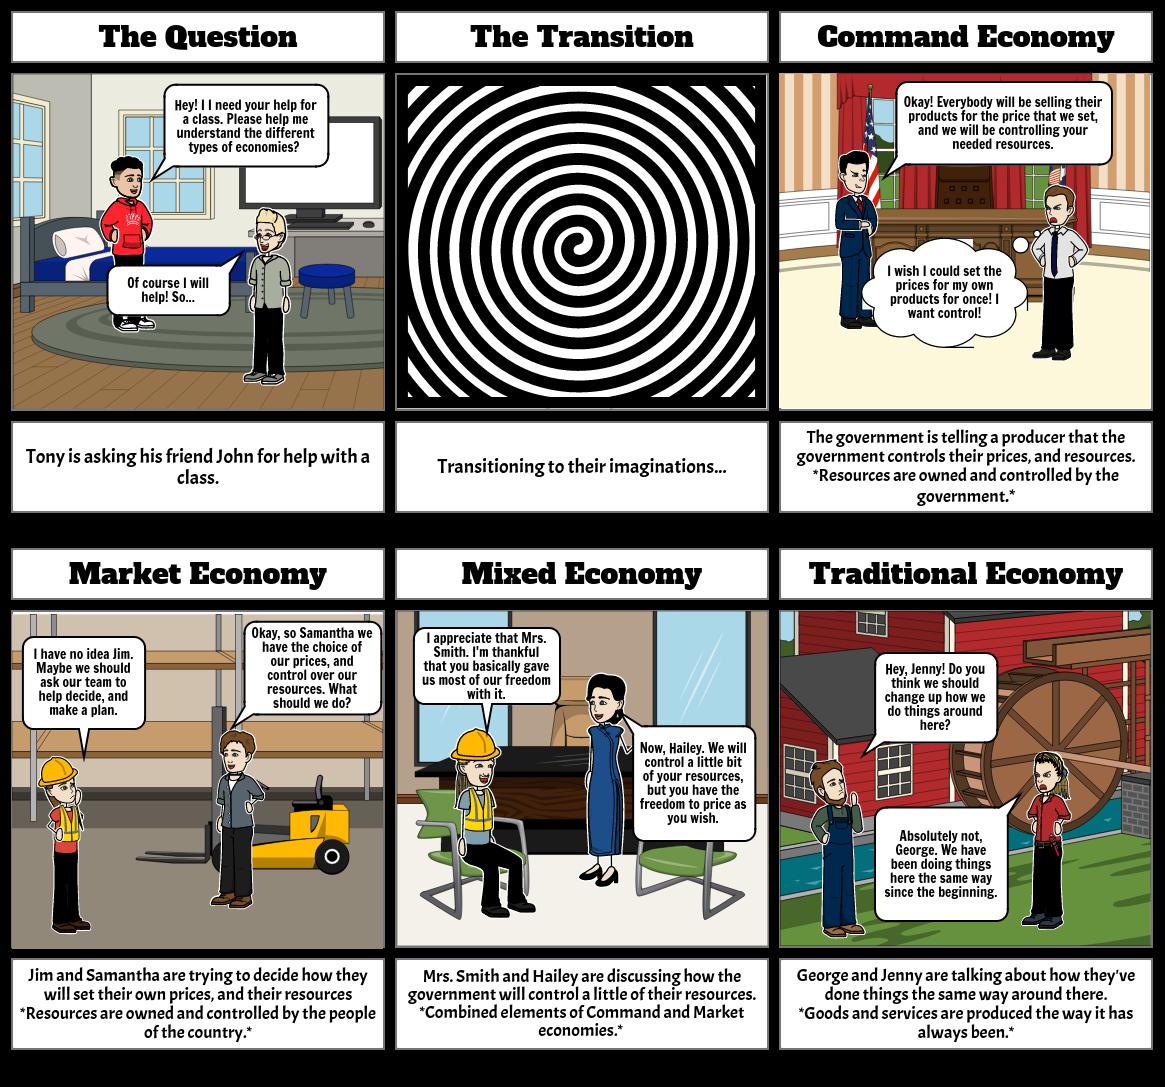 The Types of Economies